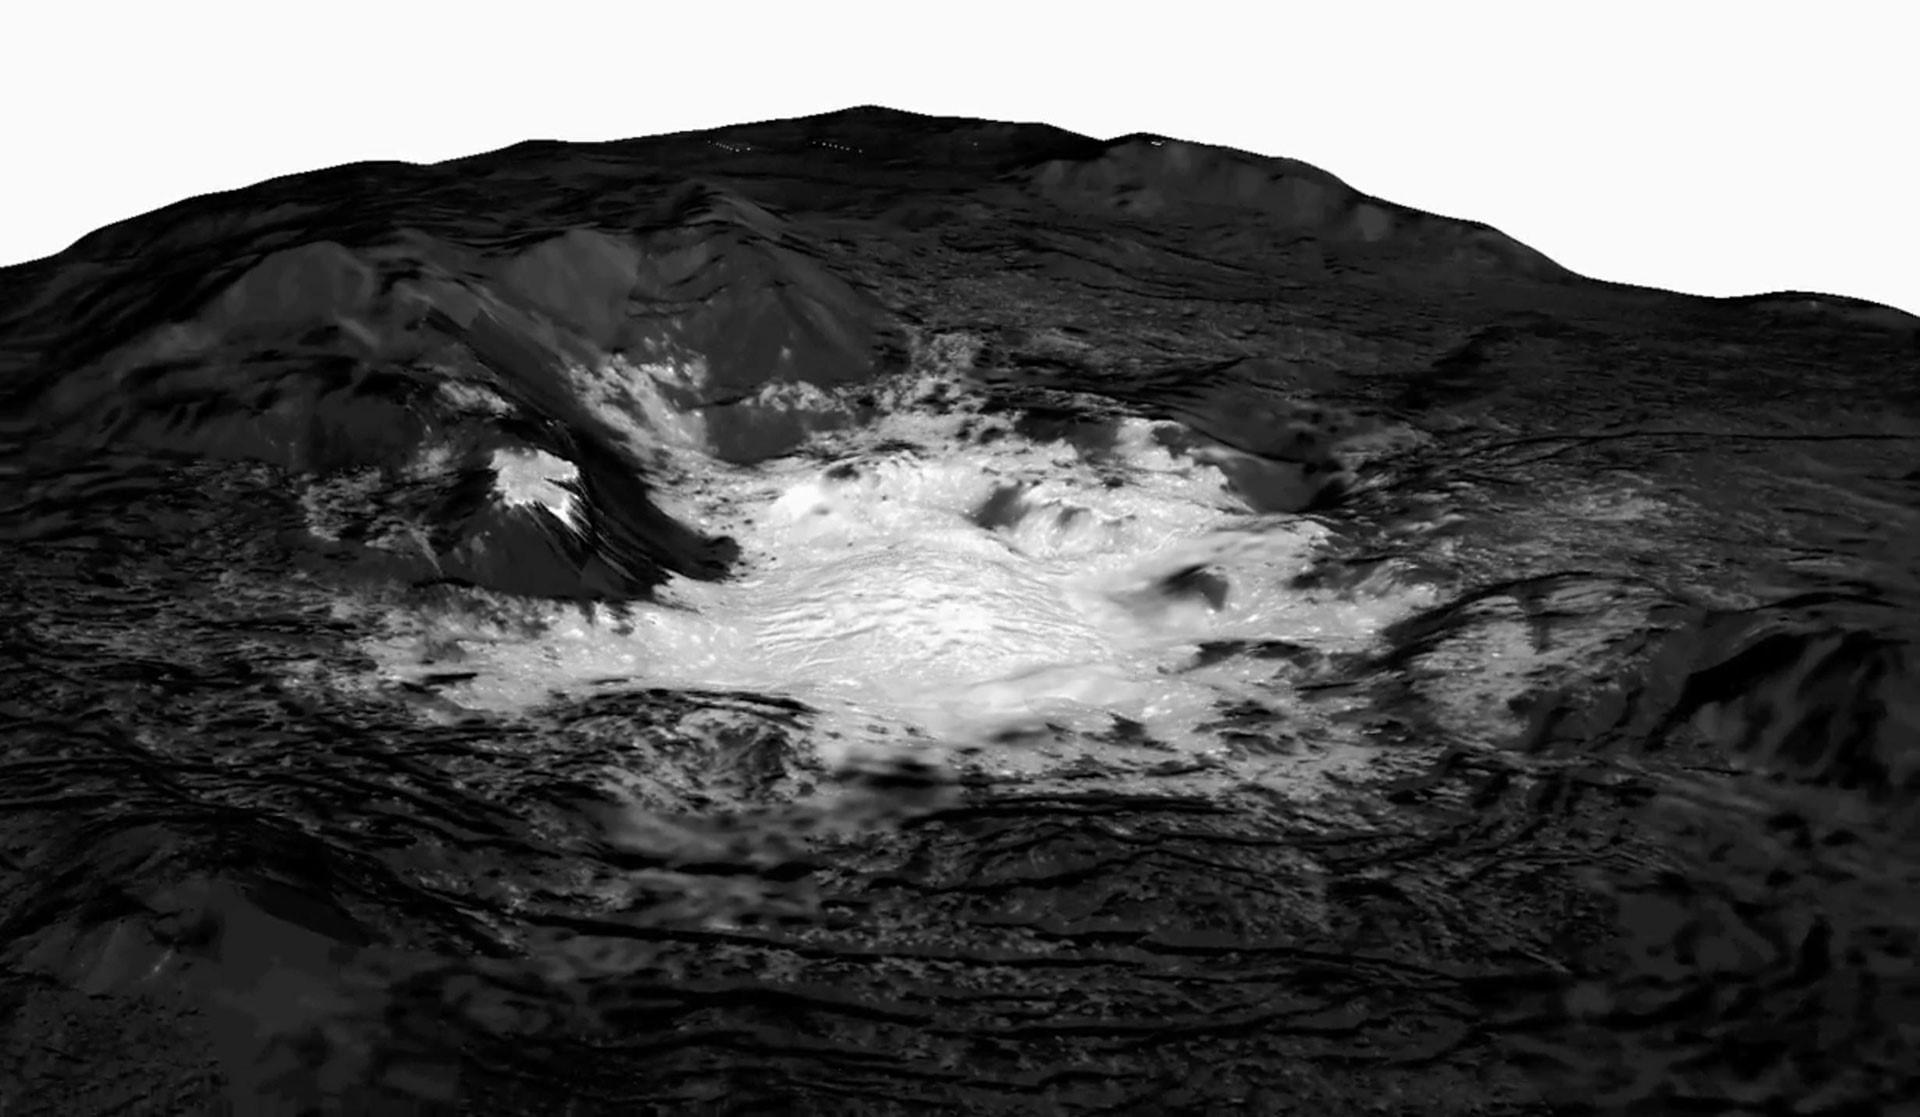 Un mosaico superpuesto sobre un modelo topográfico que muestra una vista cercana de la formación Cerealia Facula en Ceres.